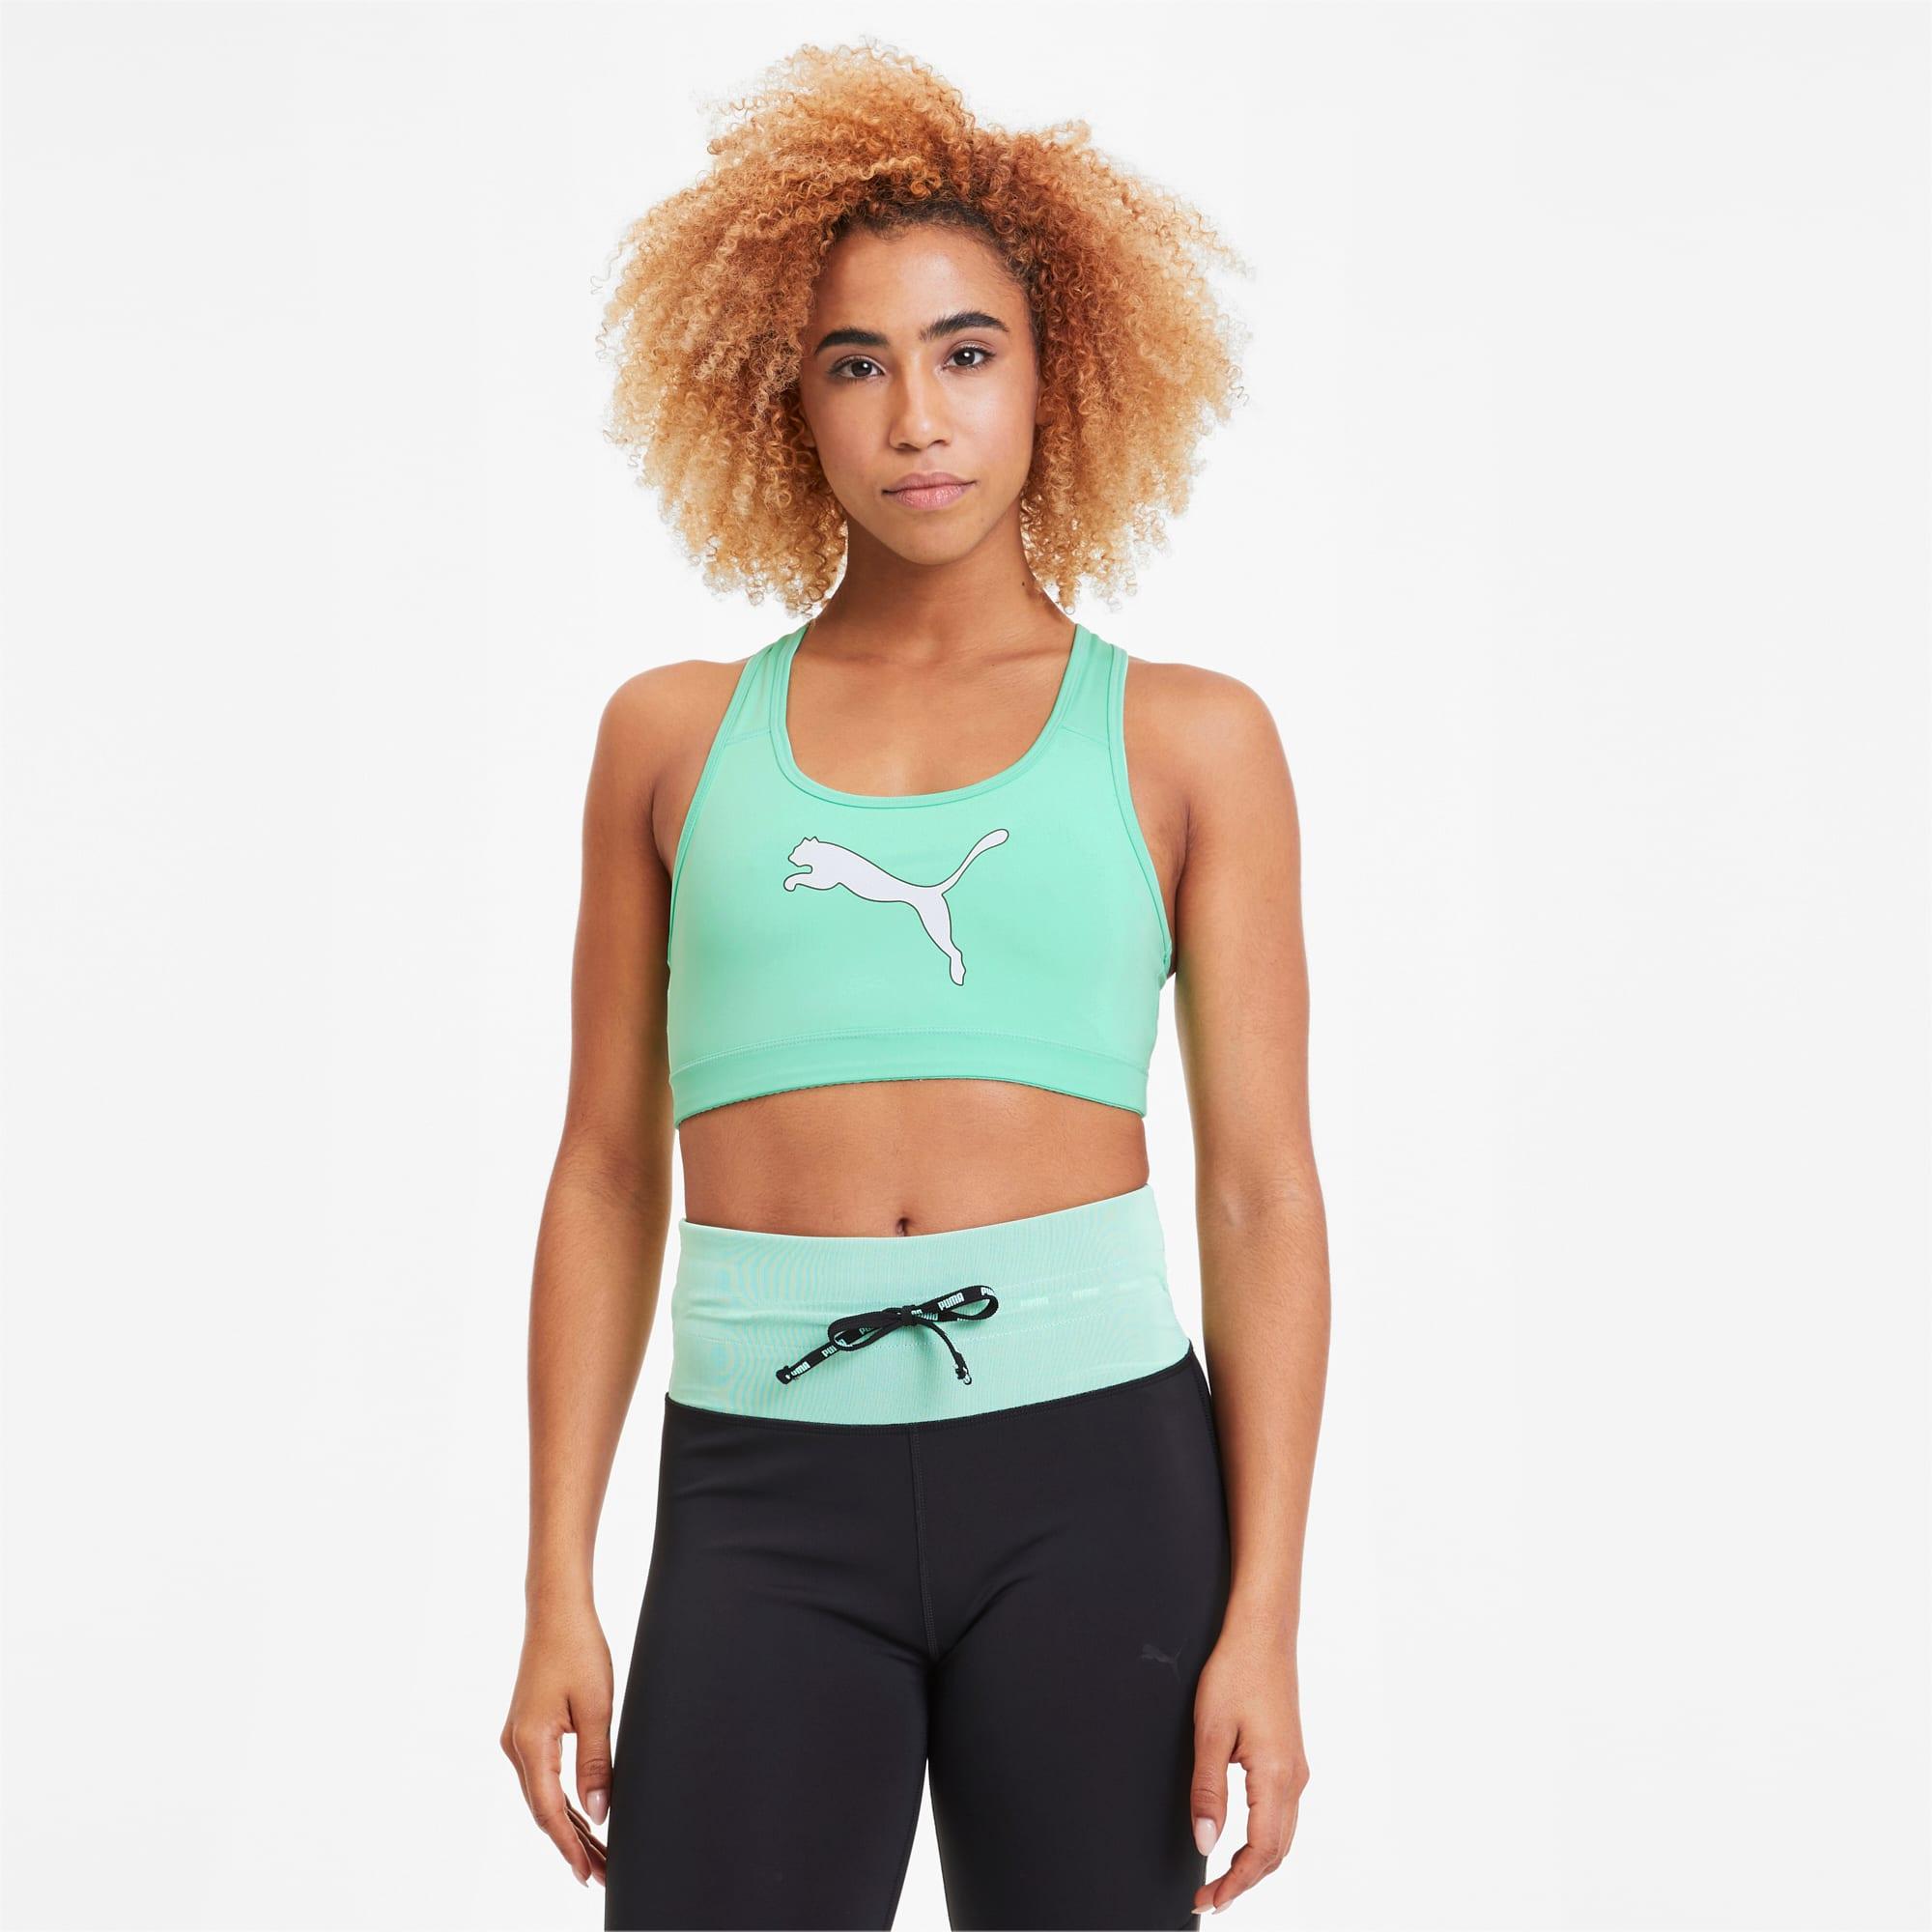 PUMA Soutien-gorge de sport 4Keeps Graphic, Vert/Noir, Taille XS, Vêtements